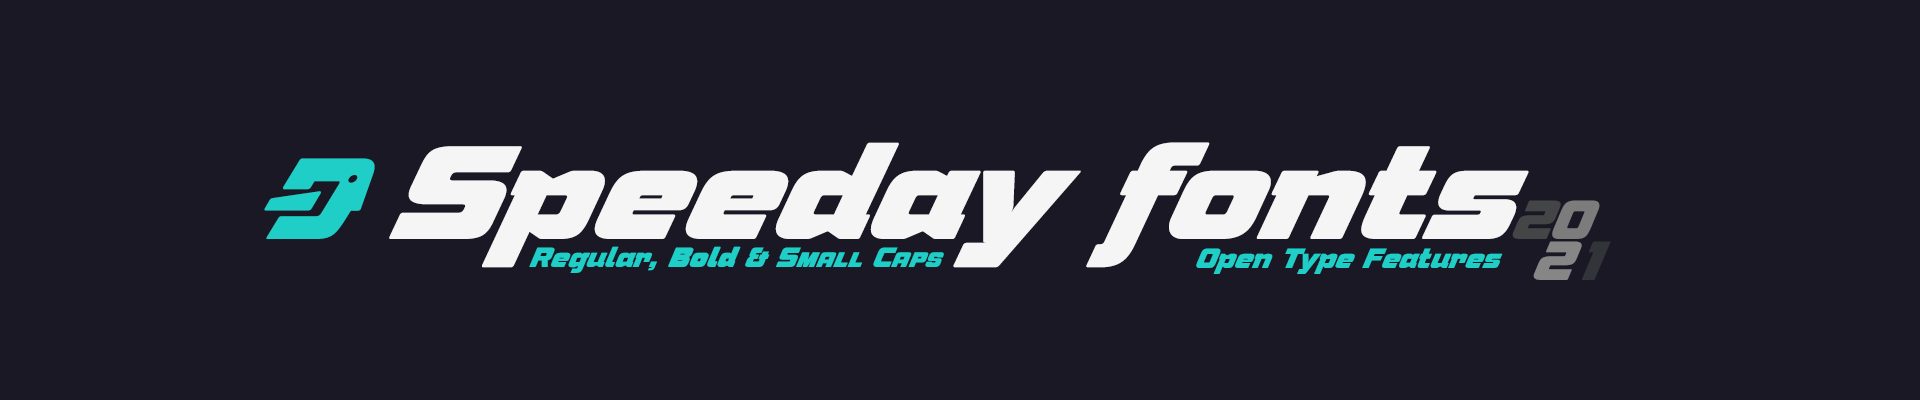 Speeday fonts, 3 original styles. Open Type Features